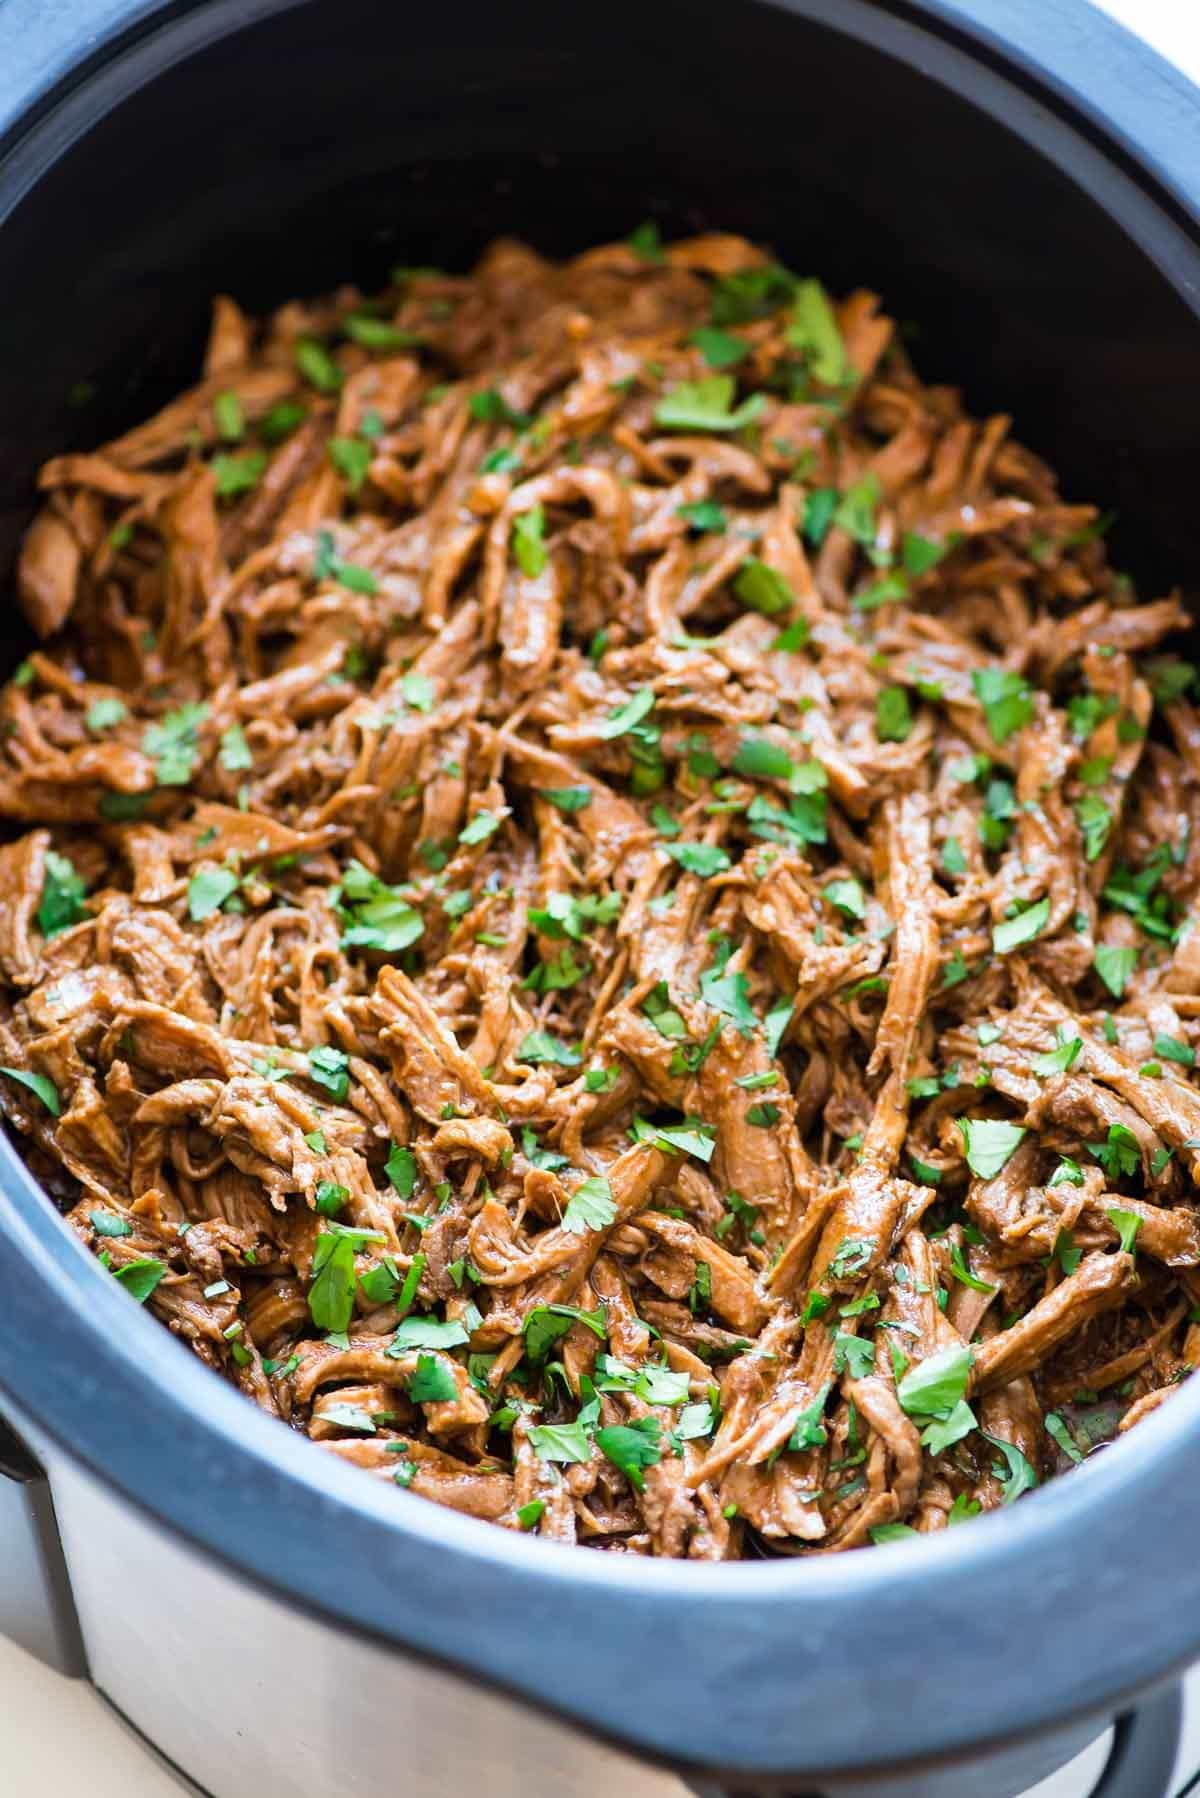 Slow Cooker full of Asian Pulled Pork